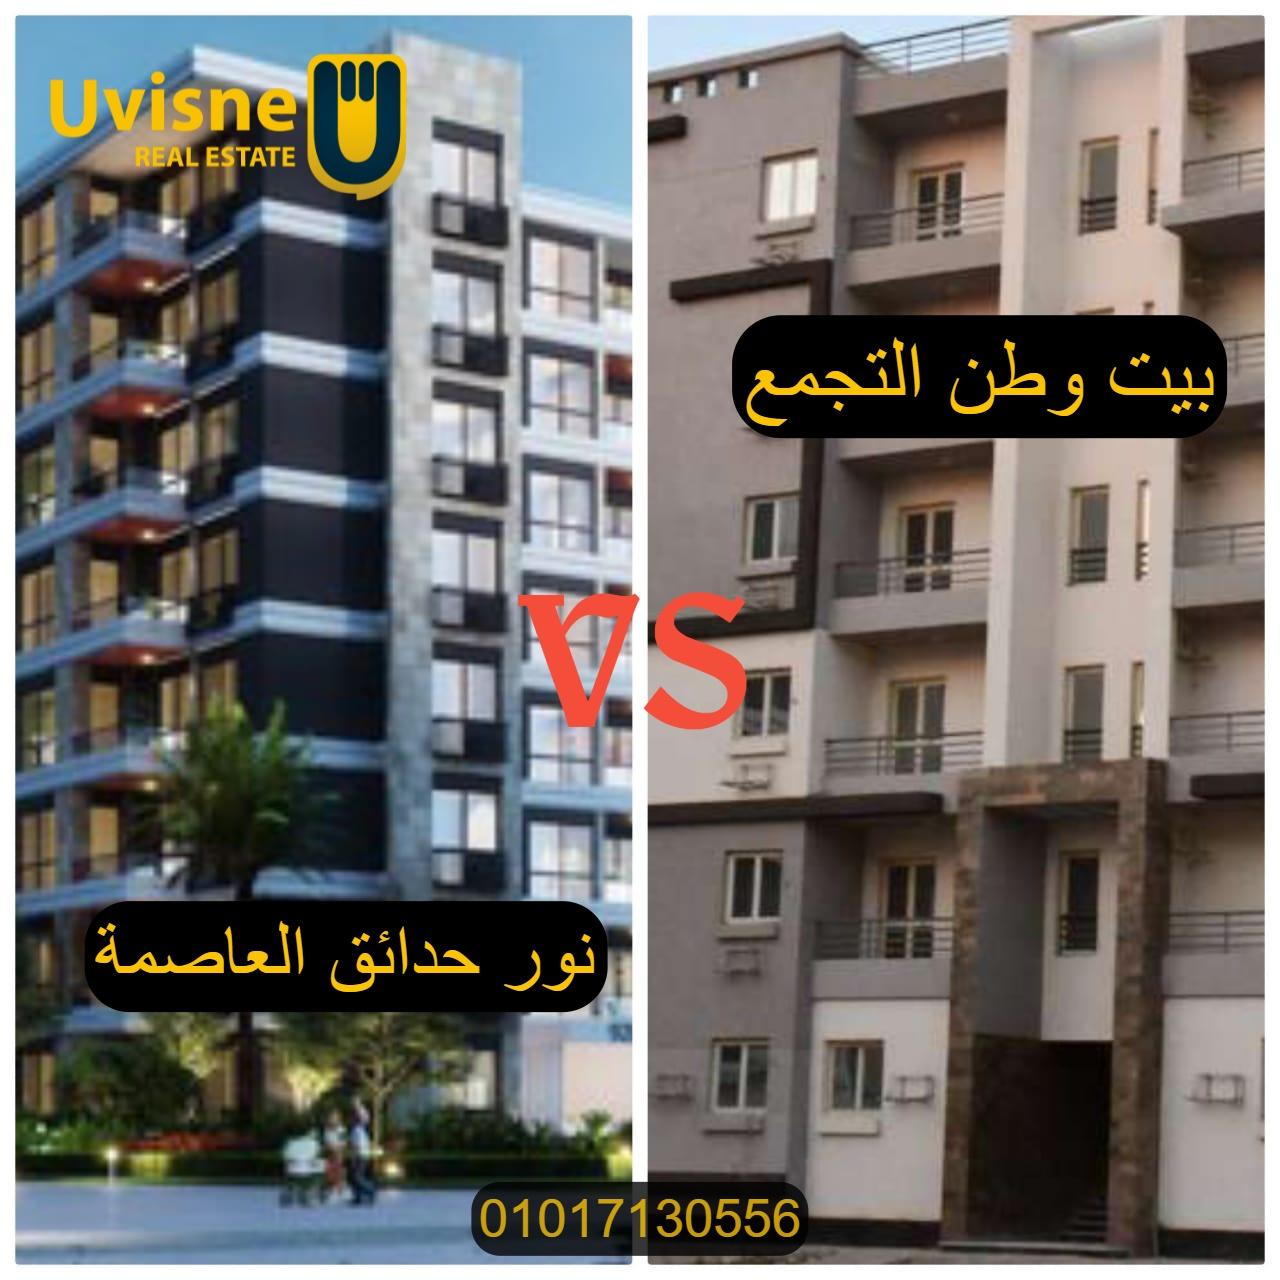 مدينة نور حدائق العاصمة الادارية الجديدة vs بيت وطن التجمع